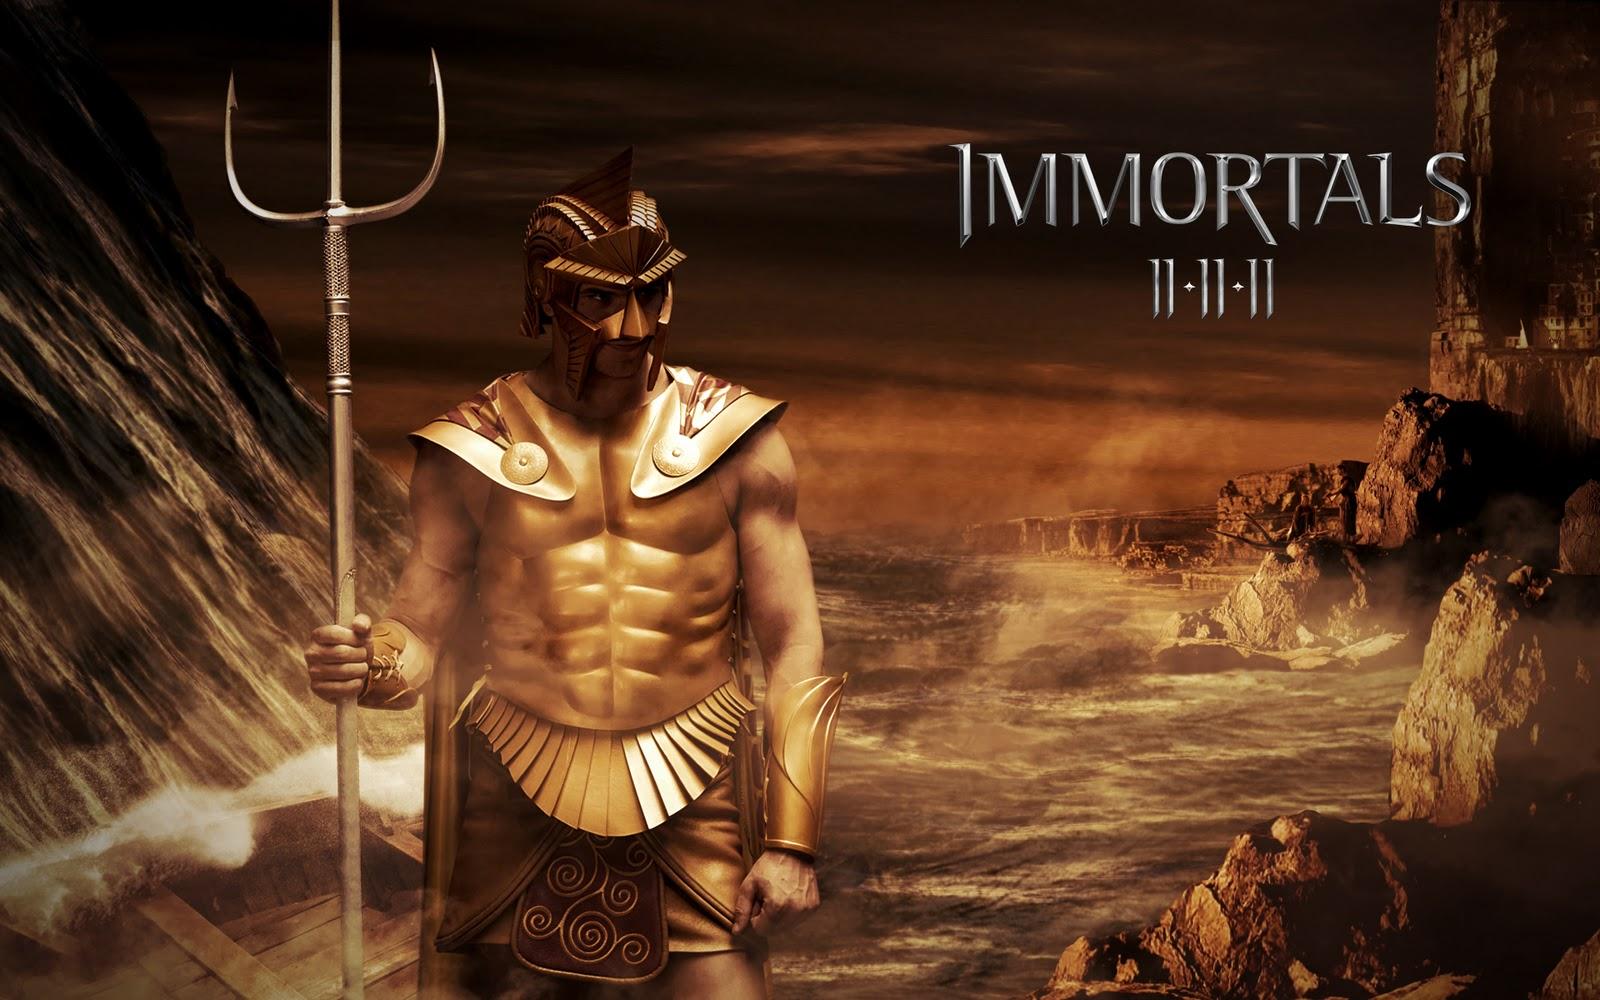 http://3.bp.blogspot.com/-gIMD0J5YOj4/TylQxa4v3gI/AAAAAAAAACU/hD43HhhSzeY/s1600/immortals.jpg